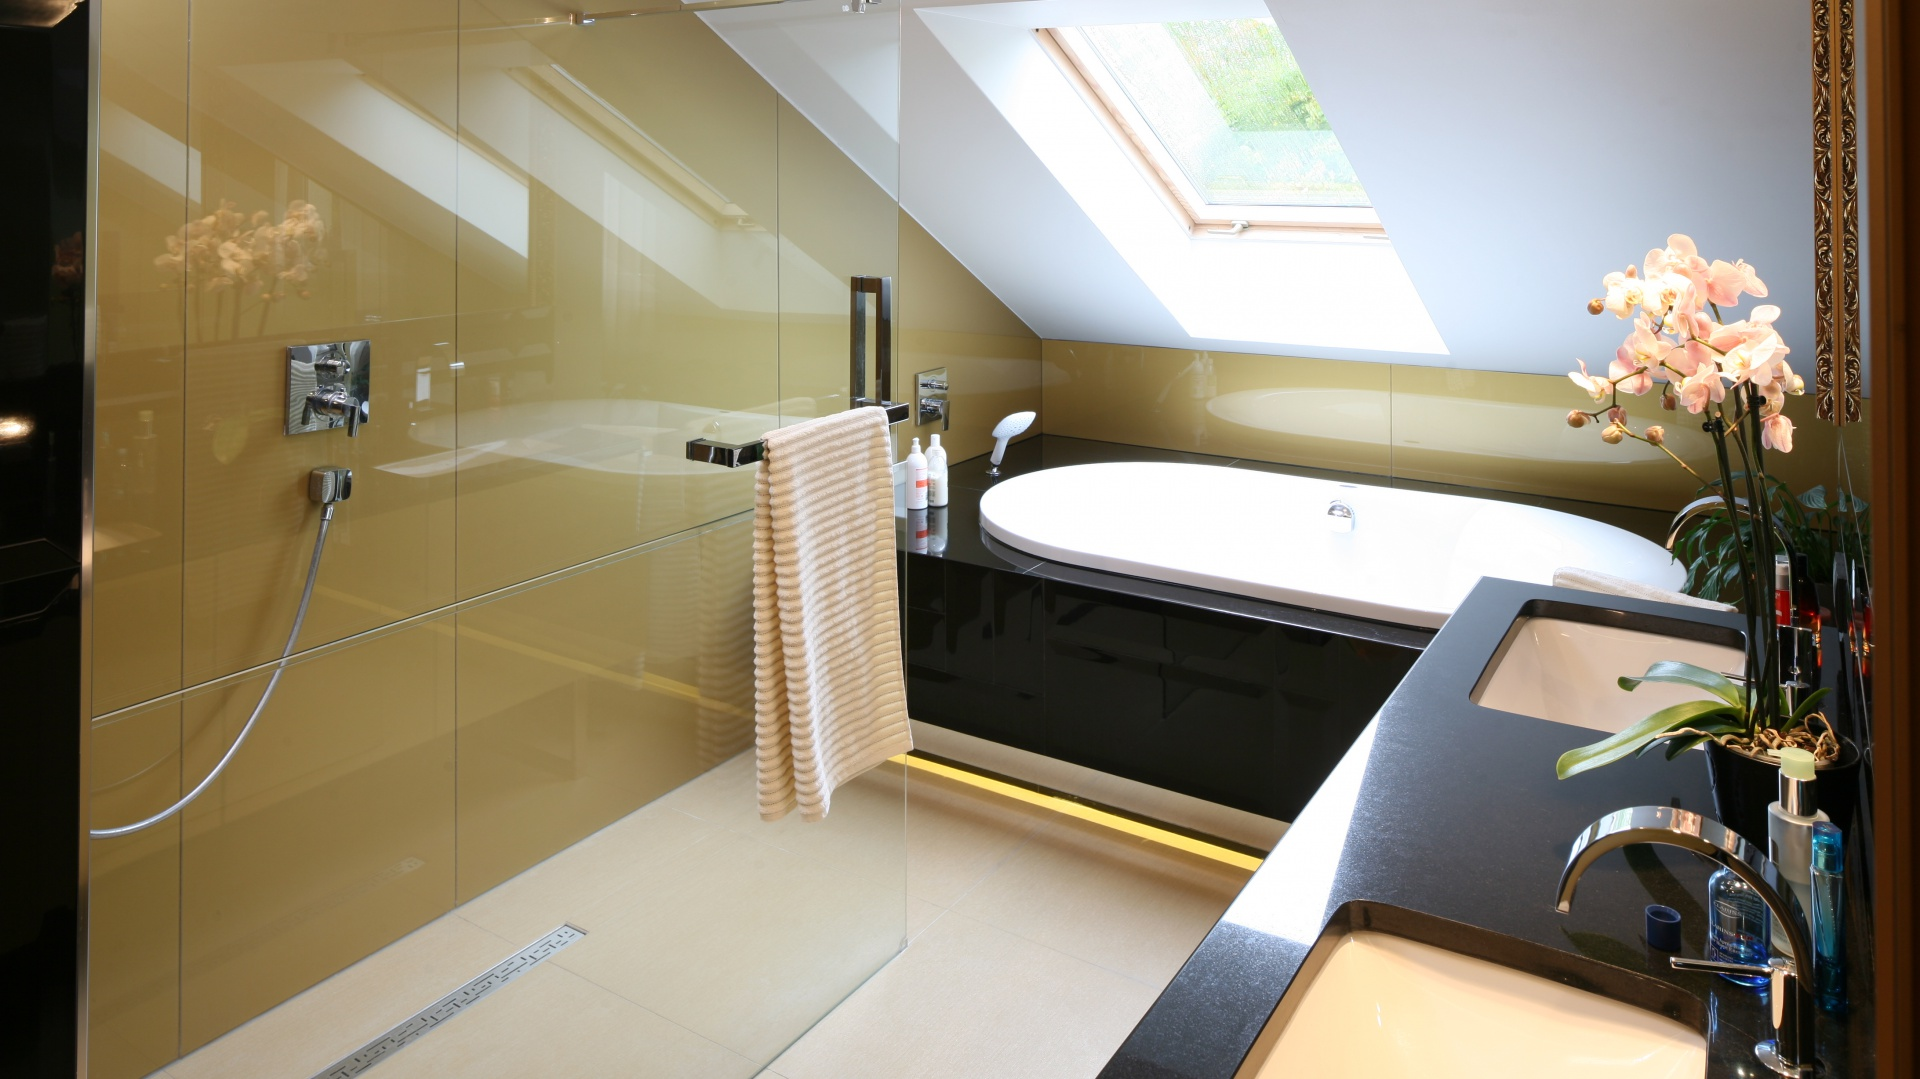 W eleganckim salonie kąpielowym strefa prysznica ma charakter otwarty, oddzielona jest od reszty łazienki jedną szklaną ścianką. Projekt: Chantal Springer. Fot. Bartosz Jarosz.